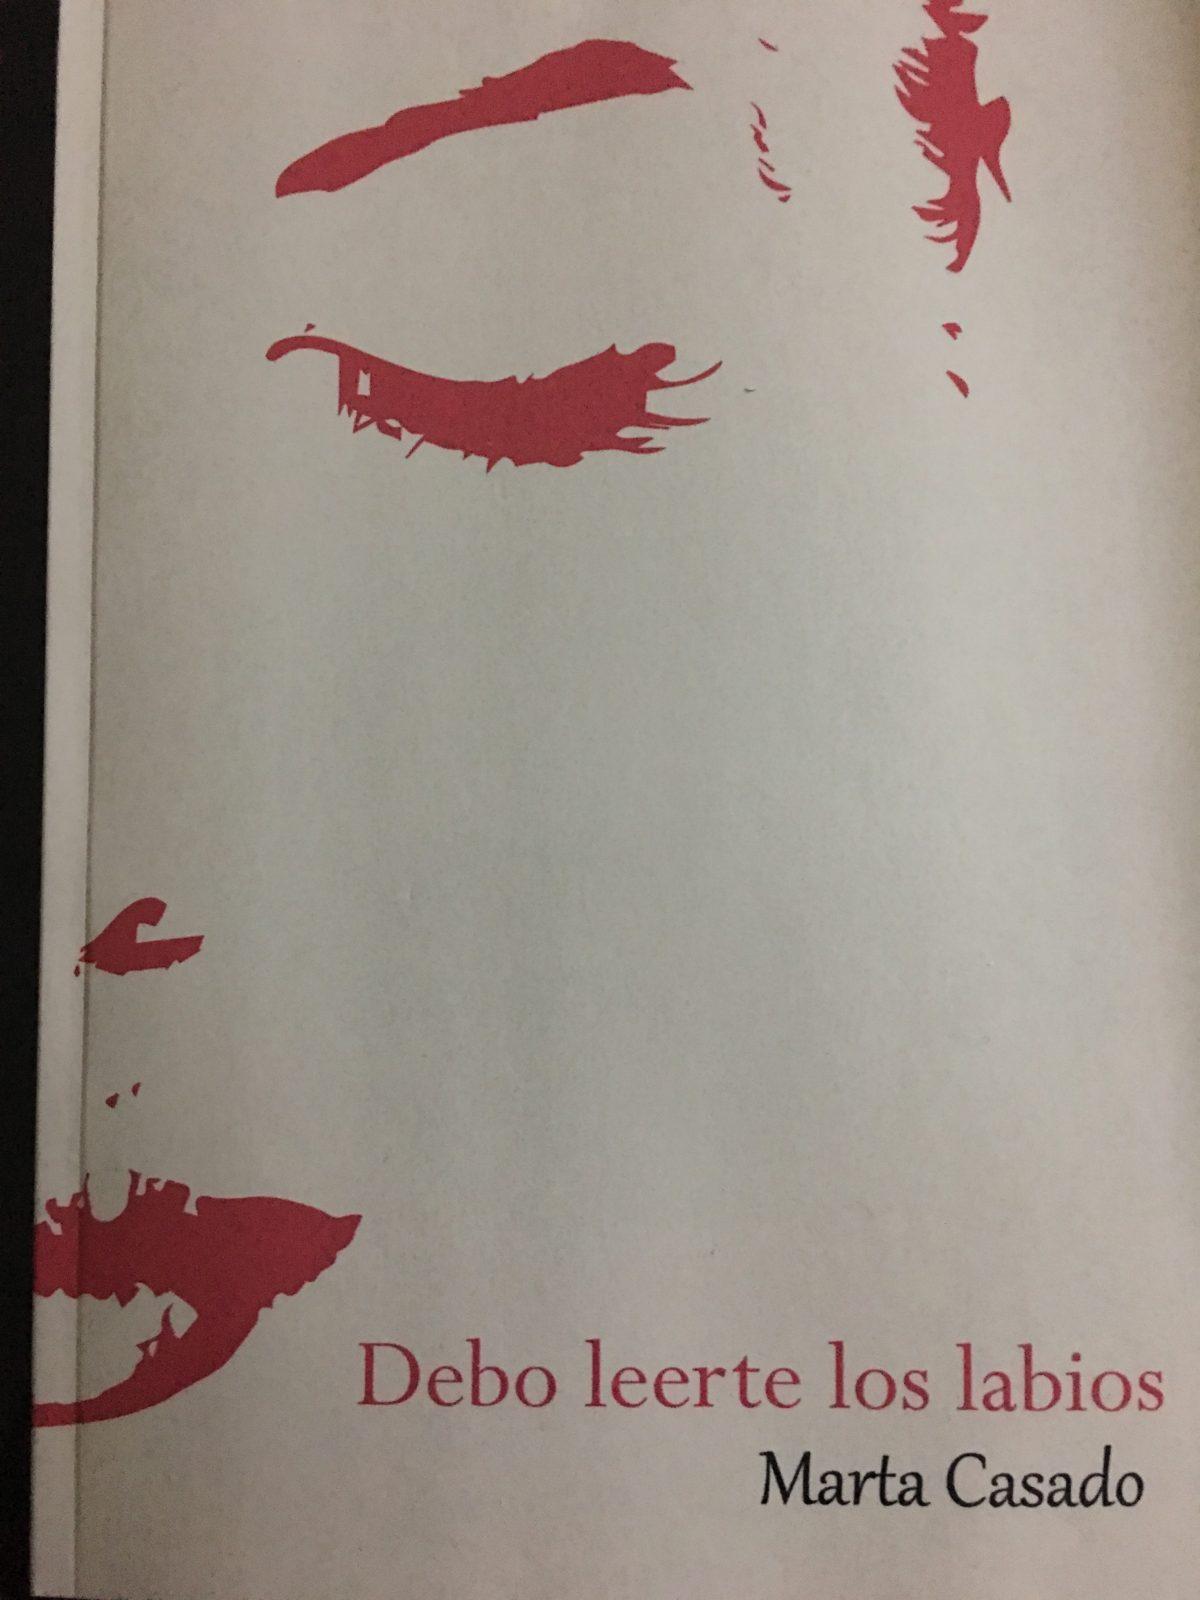 DEBO LEERTE LOS LABIOS